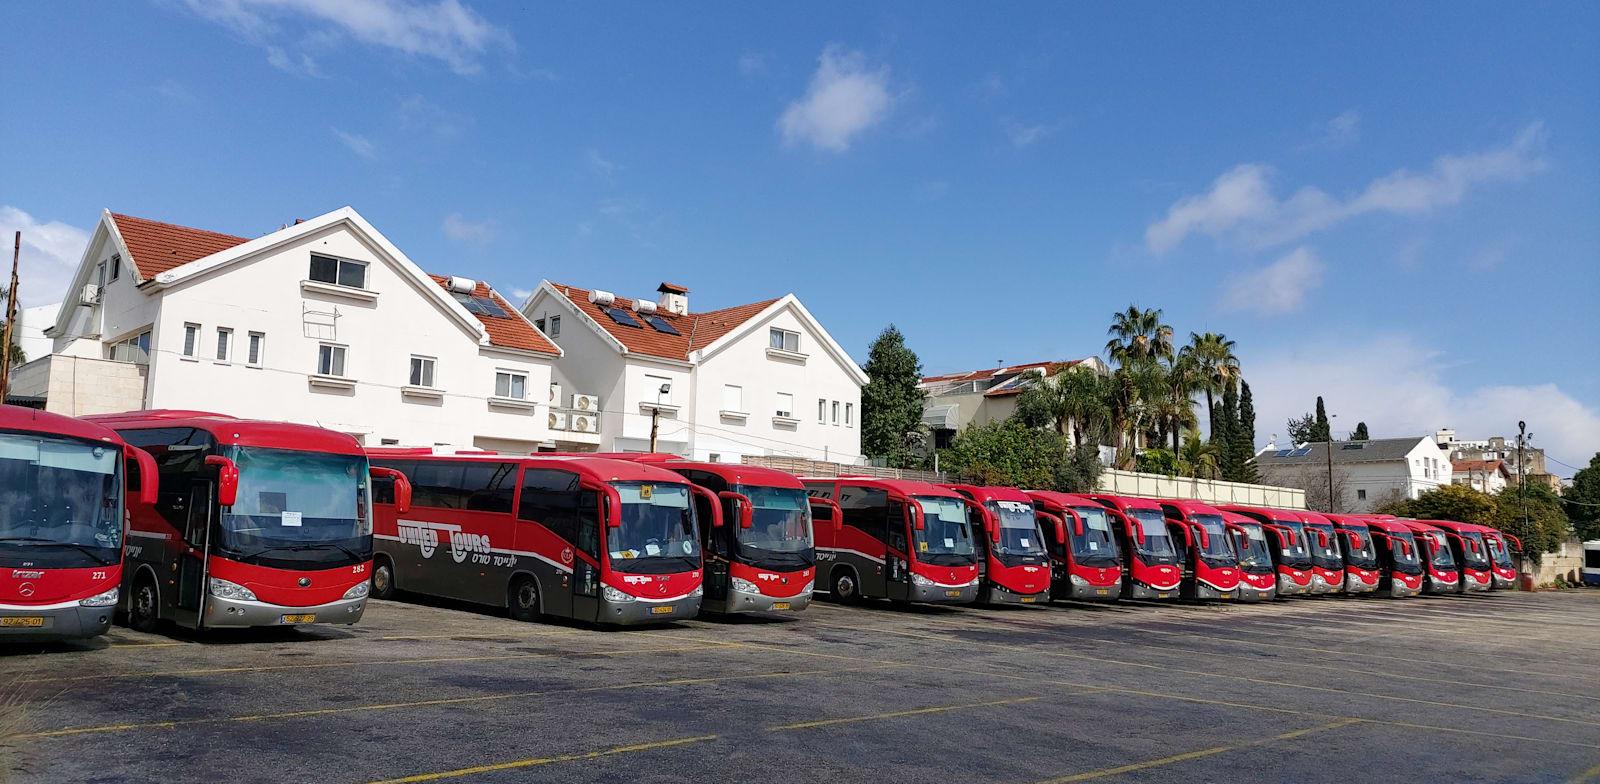 חניון האוטובוסים של דן בכניסה לרמת החייל / צילום: איל יצהר